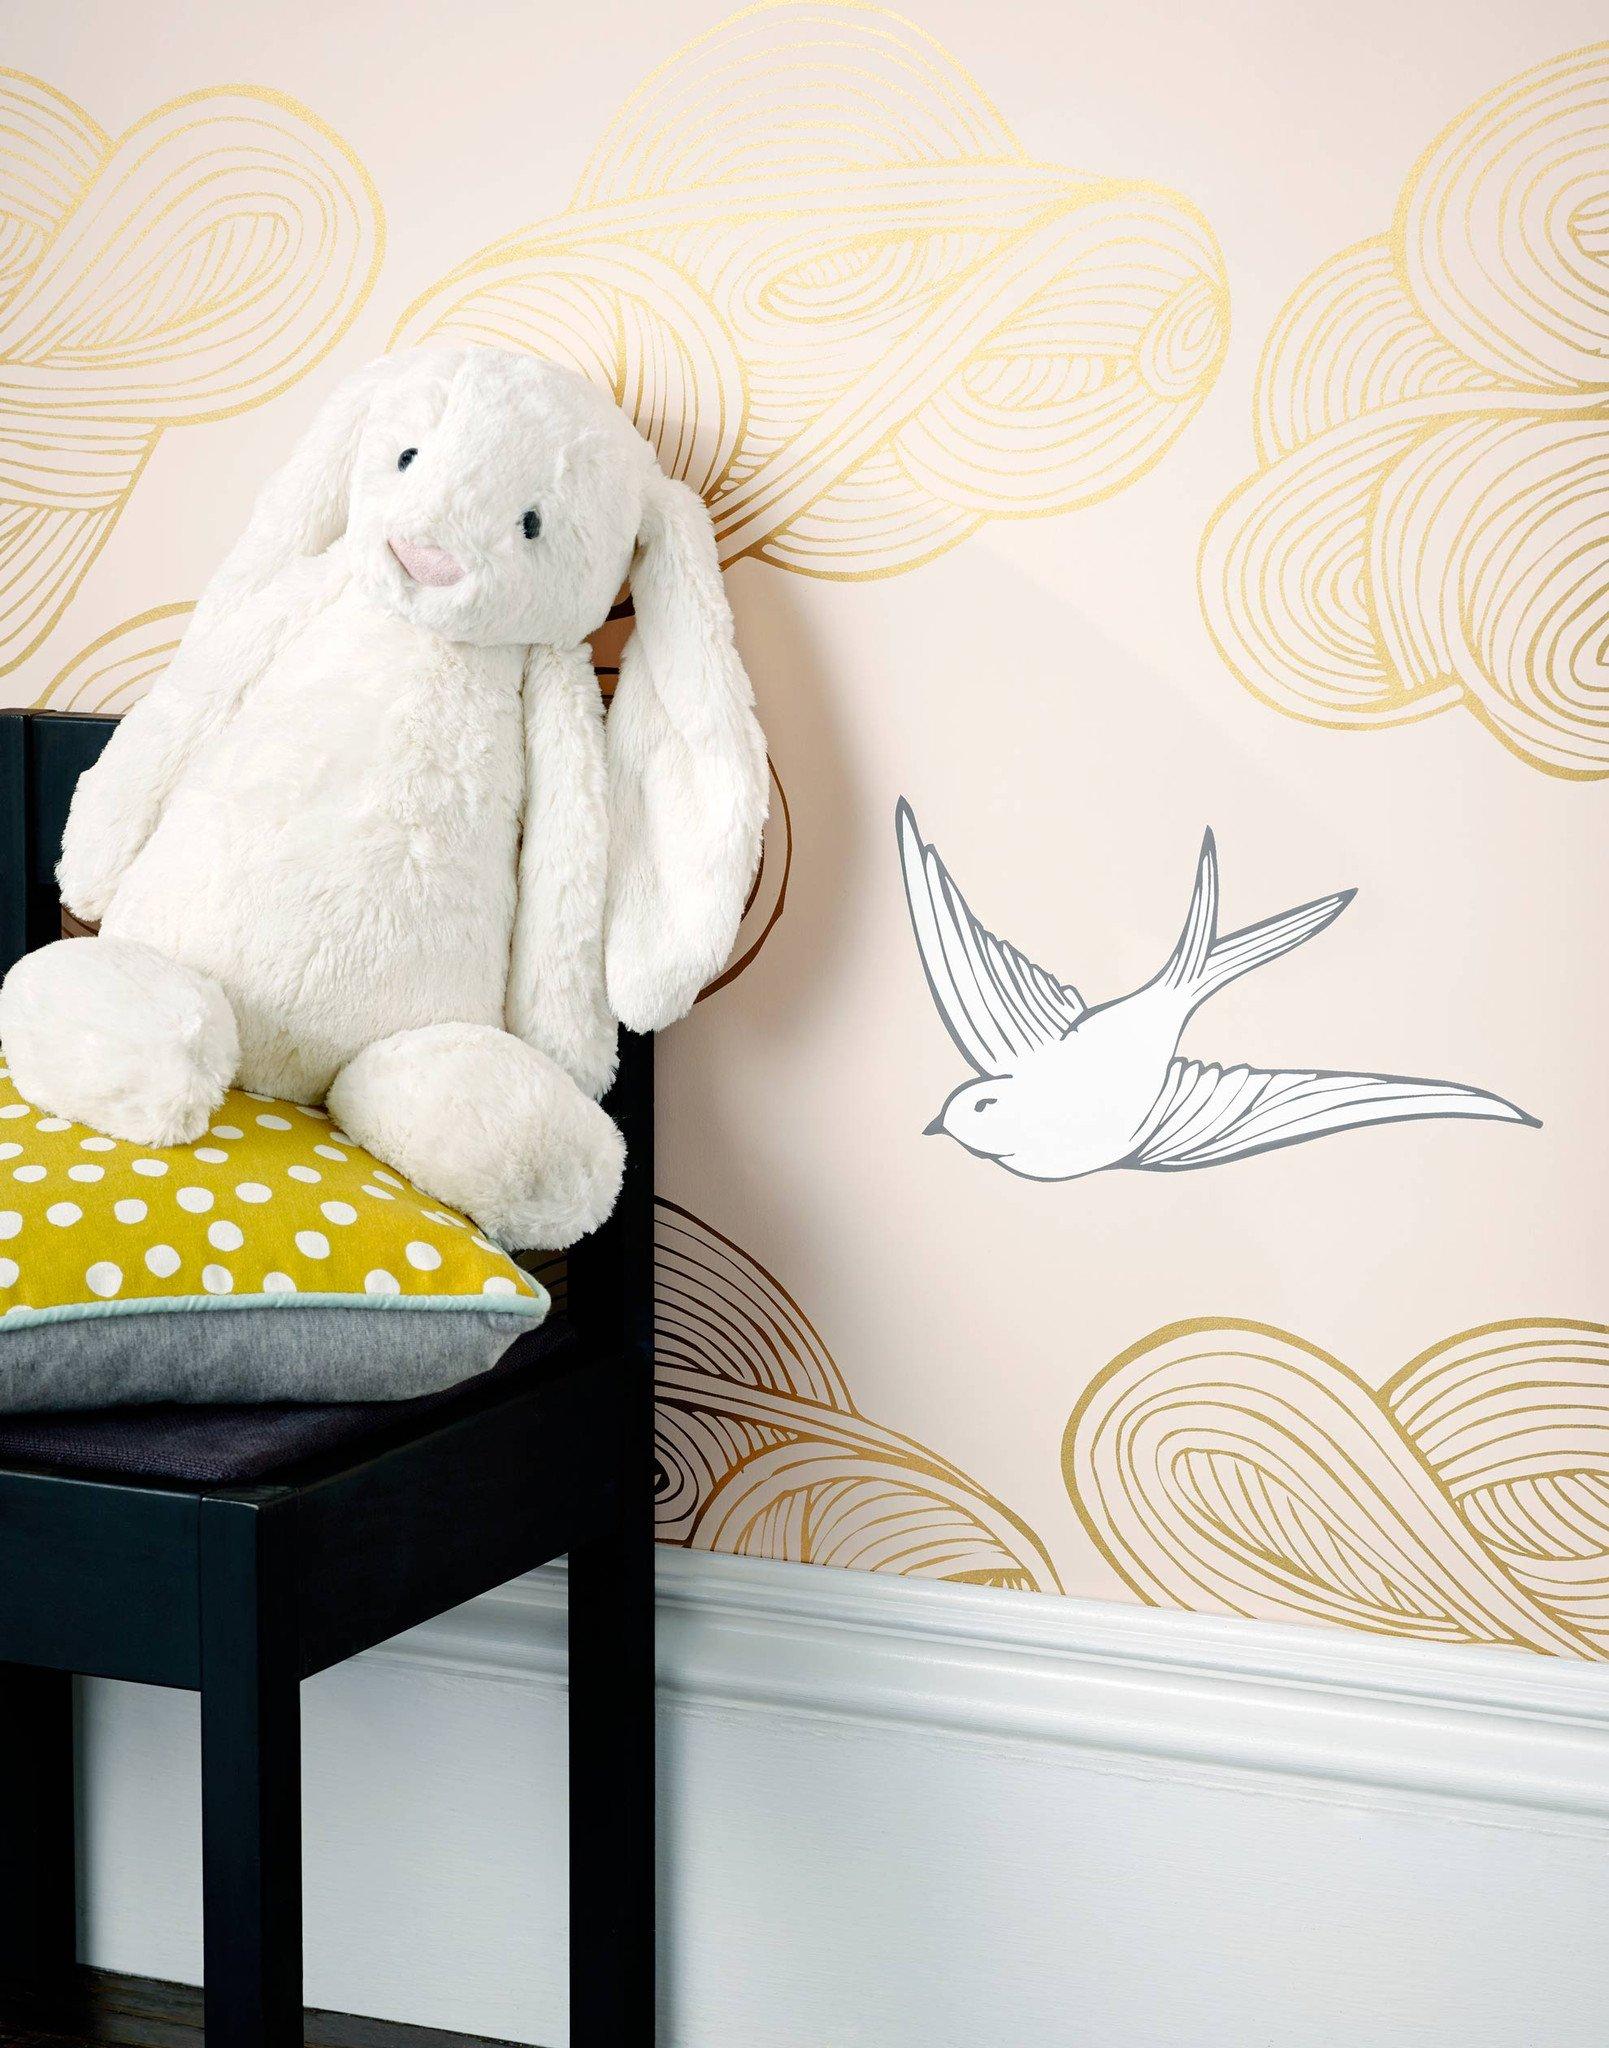 Drawn wallpaper daydream (Blush) Daydream Hygge (Blush) &